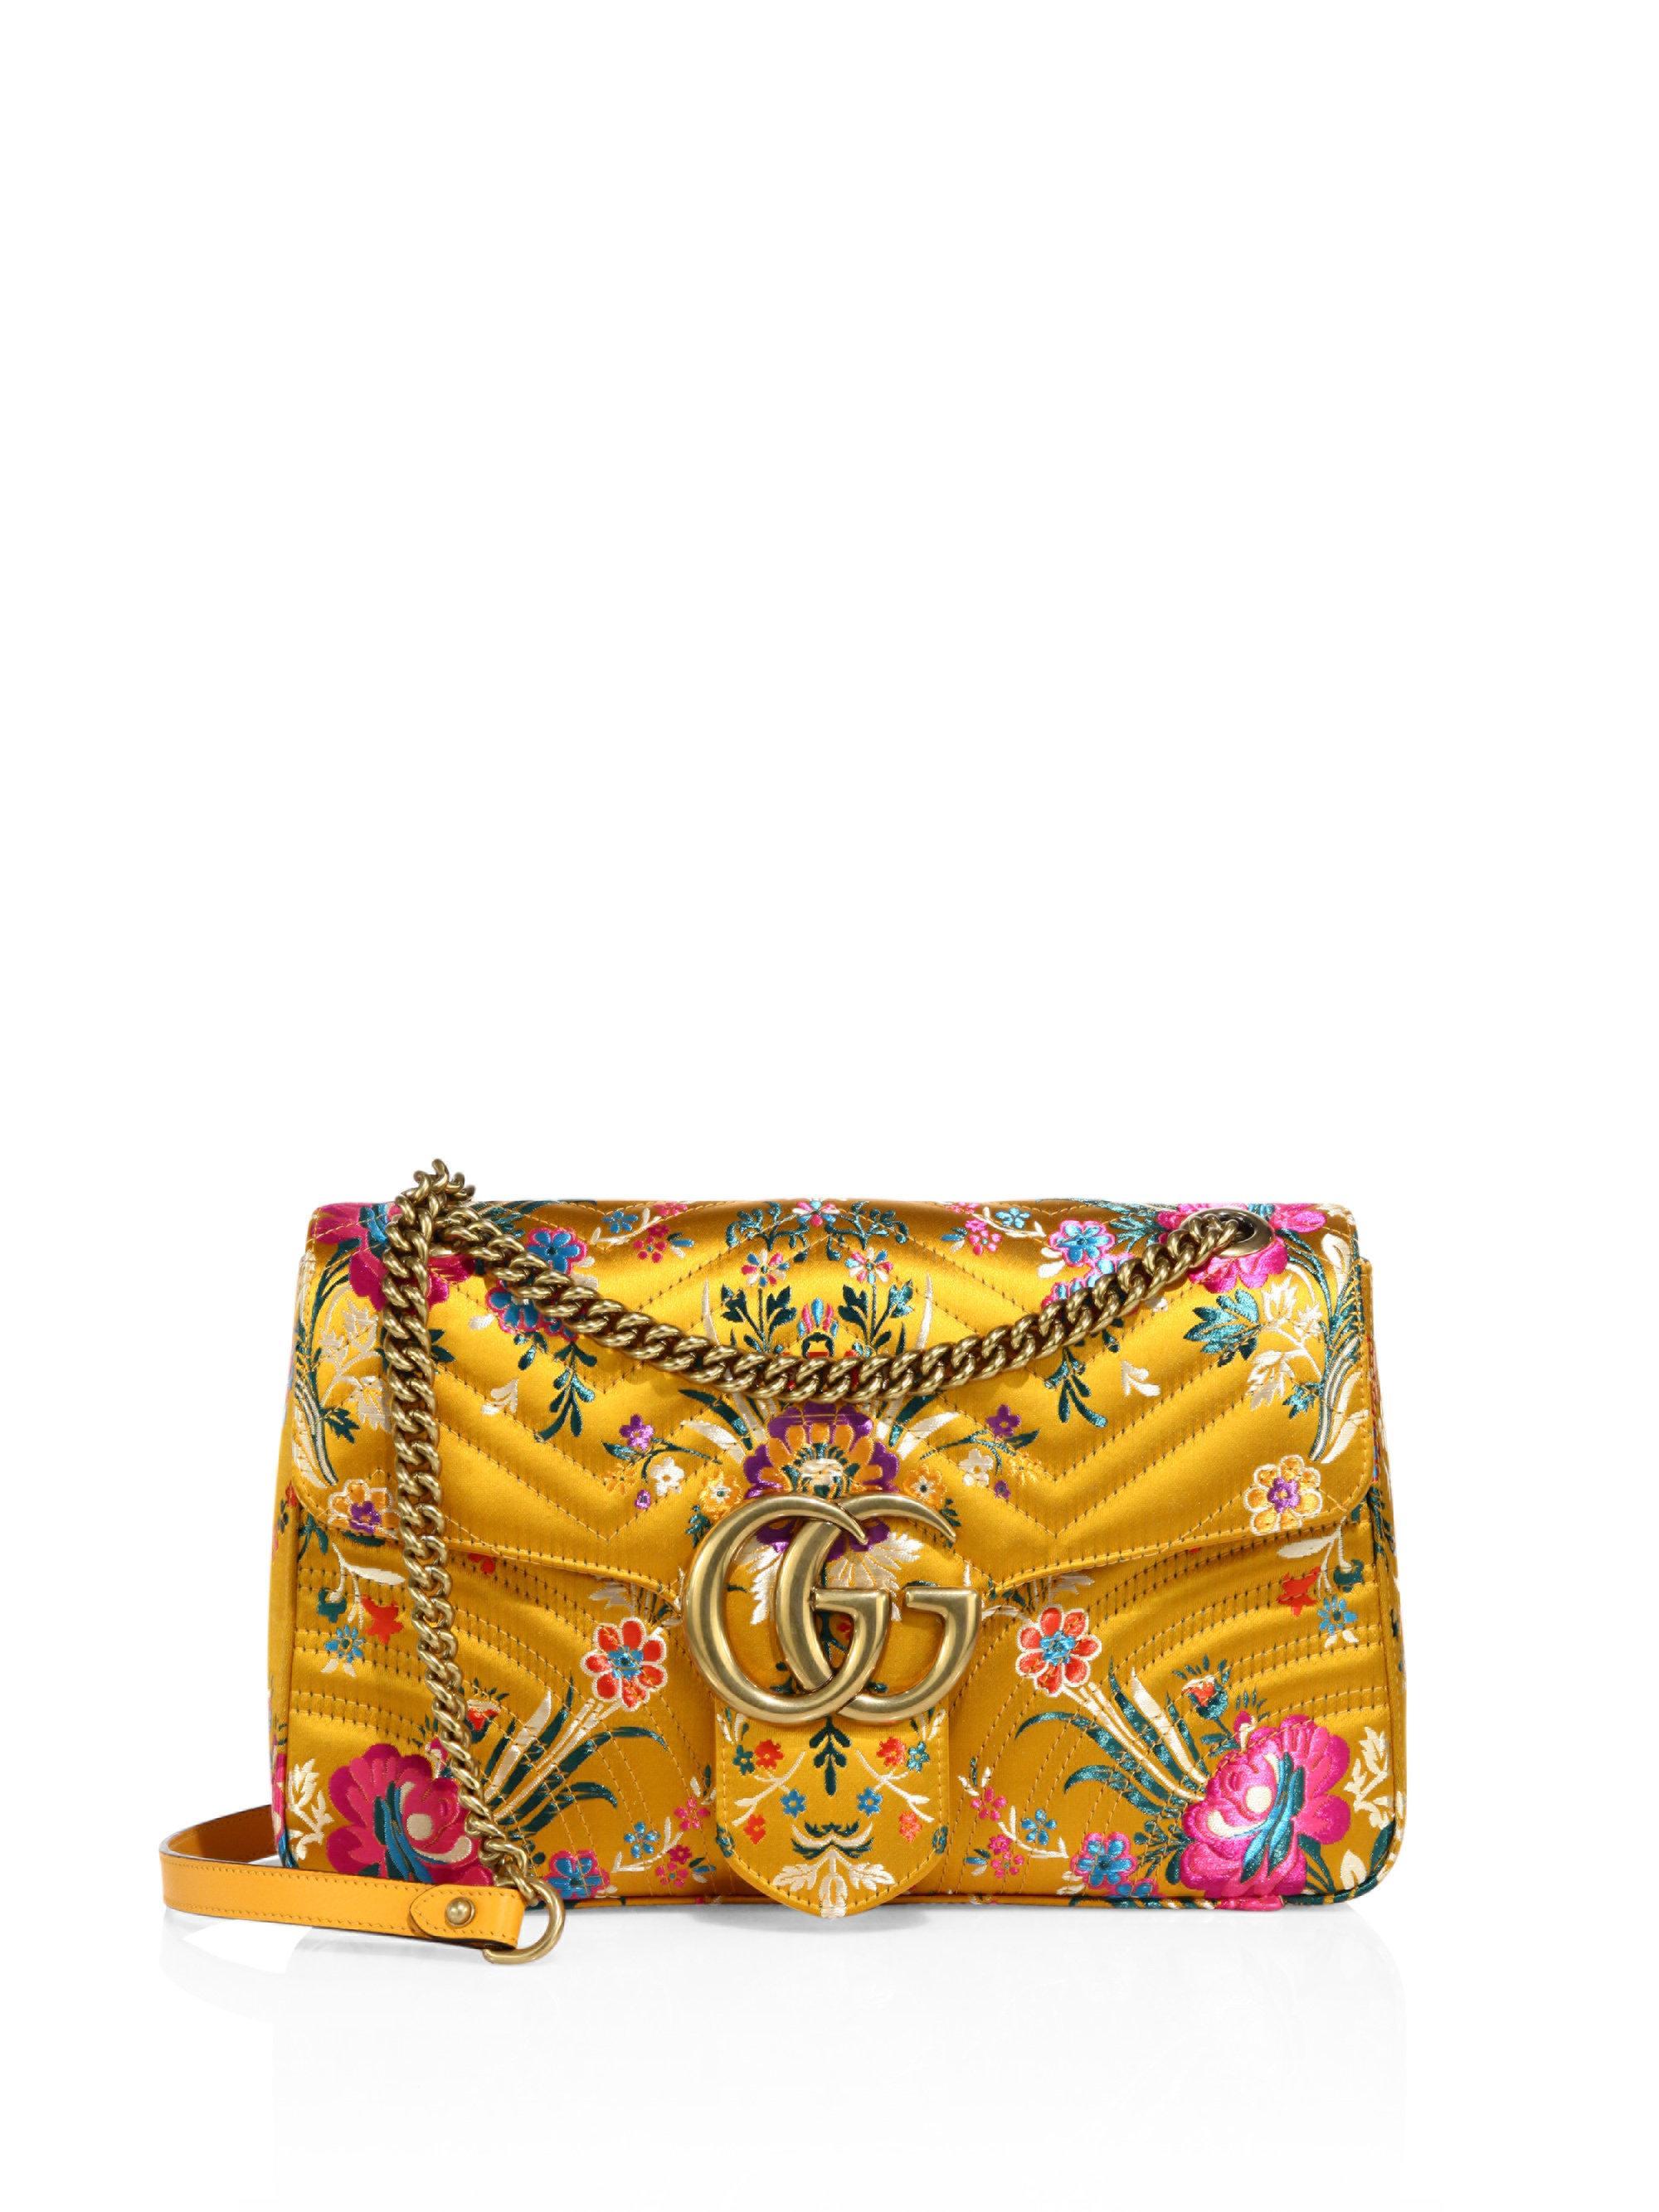 c49d44b25d51 Gucci Small Gg Marmont Matelasse Floral Jacquard Chain Shoulder Bag ...